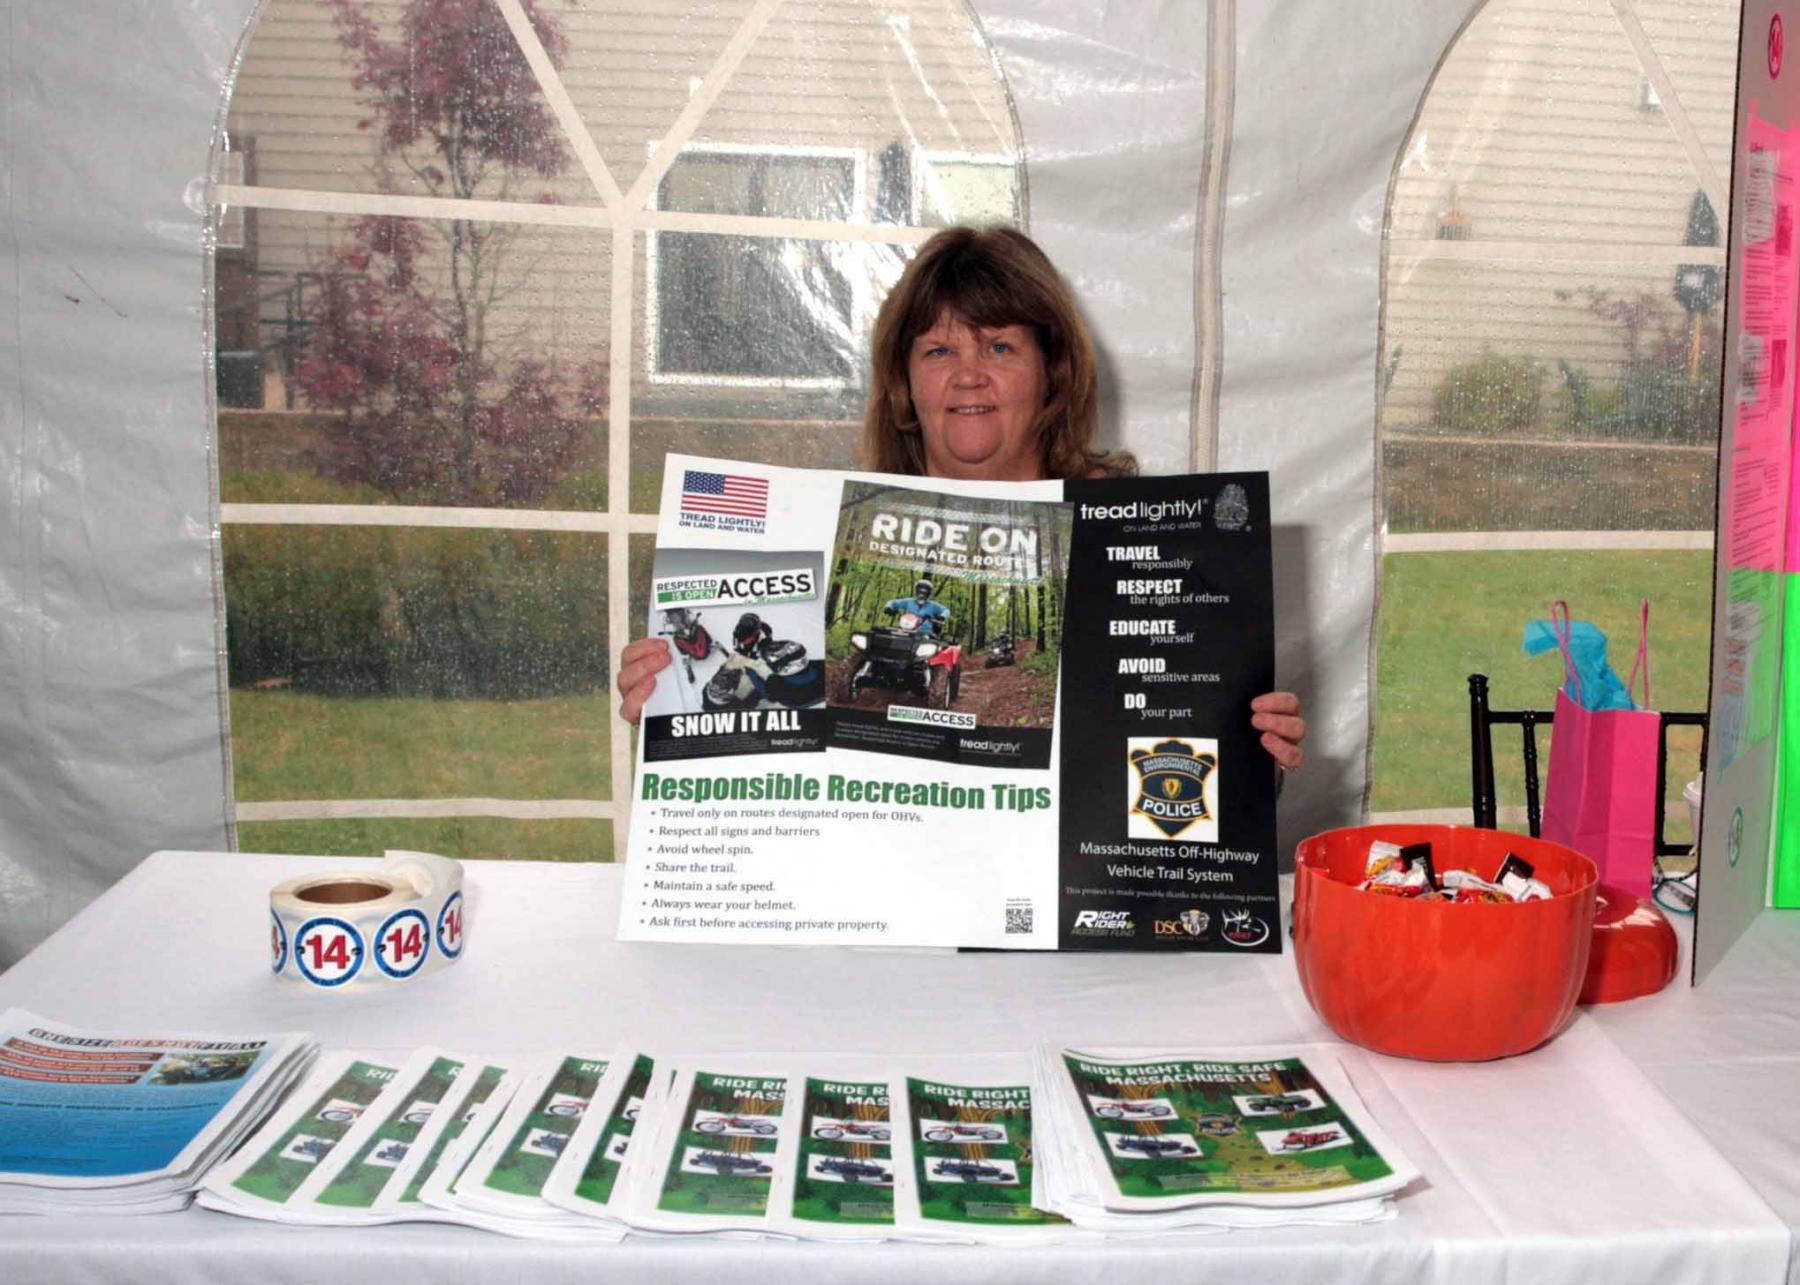 Katie Kearney, Sean's Law, MA PTA Health Summit Vendor